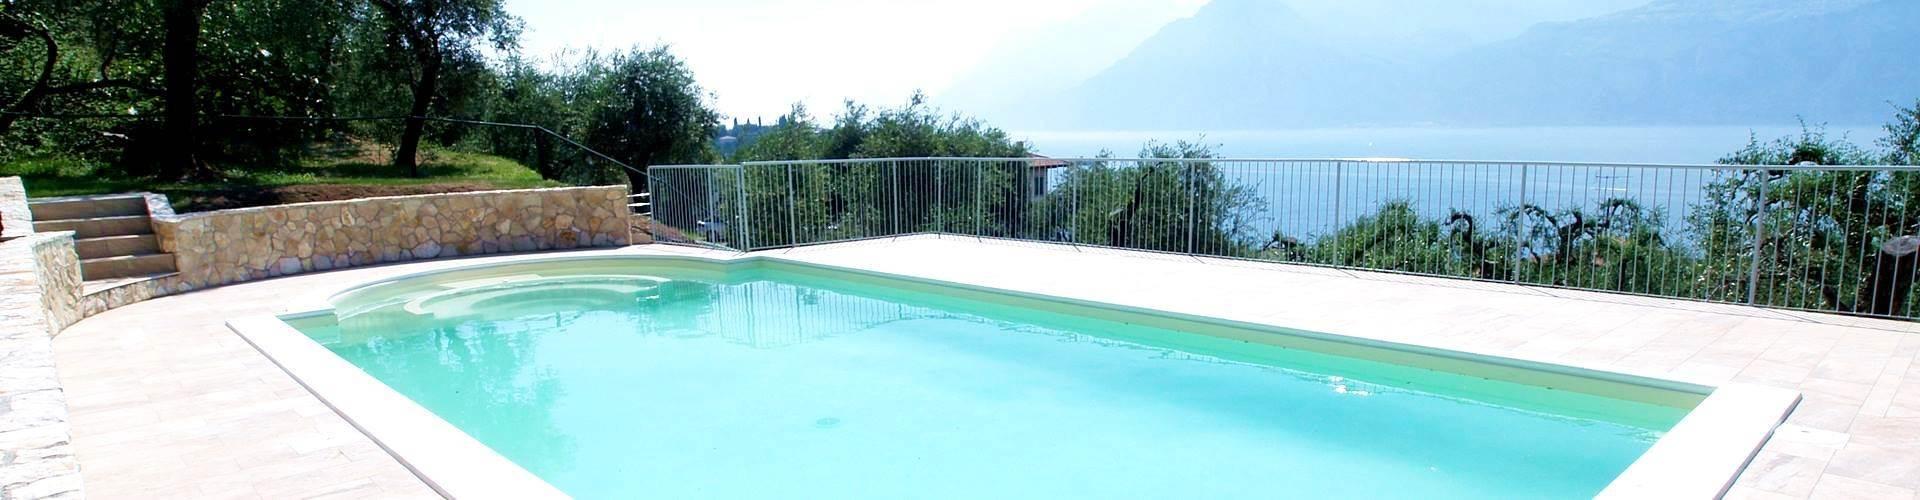 Costruzione piscine mantova mn realizzazione costruzione - Piscina mantova ...